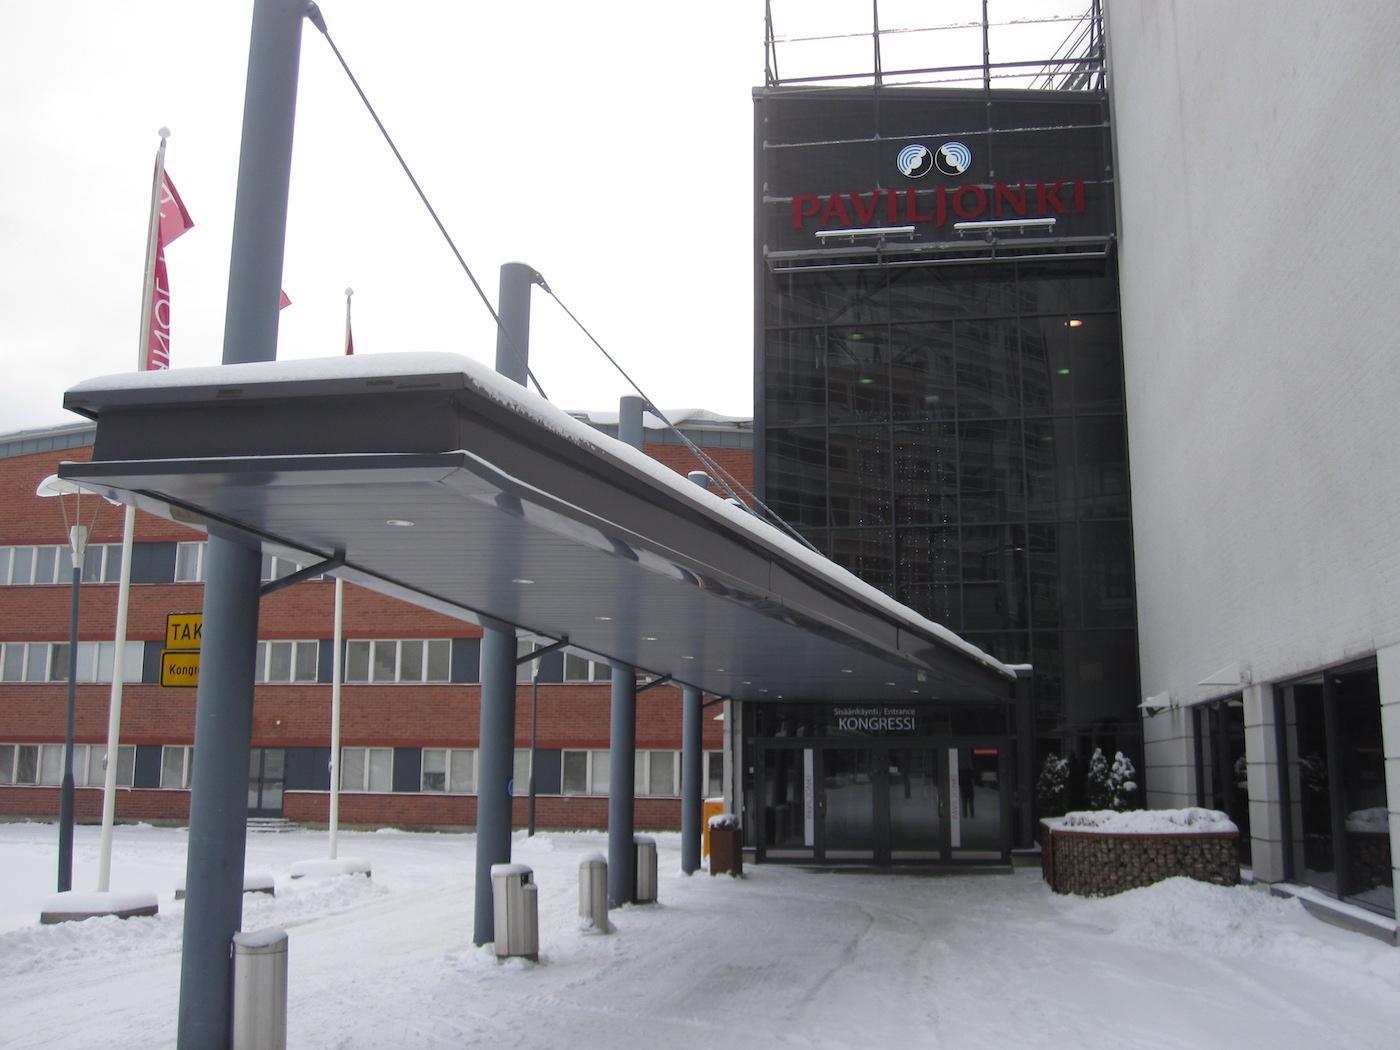 Meteli Jyväskylä